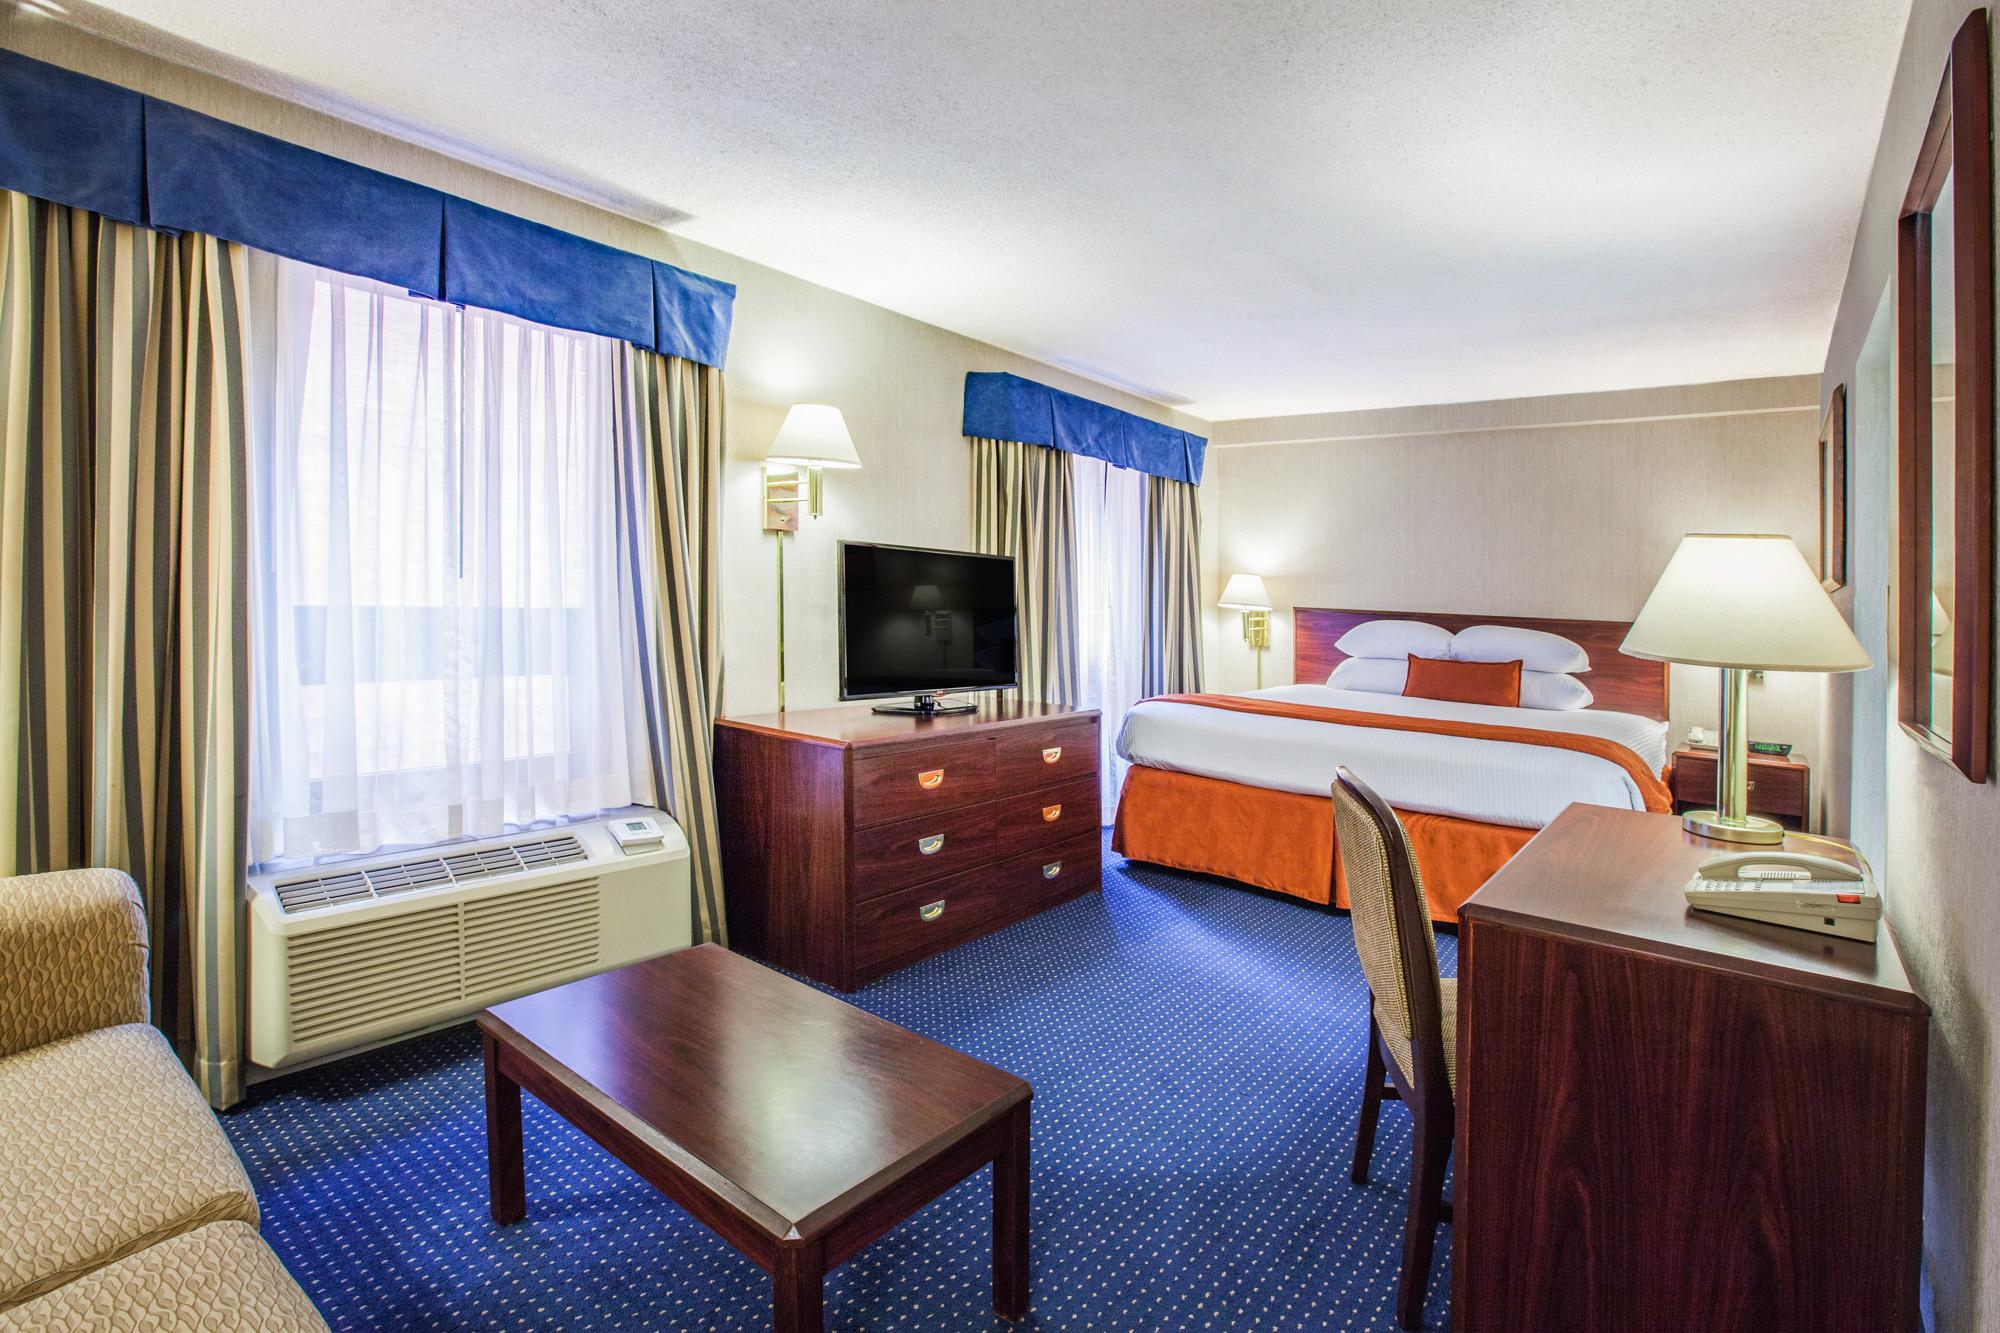 Habitación Junior Suite.jpg